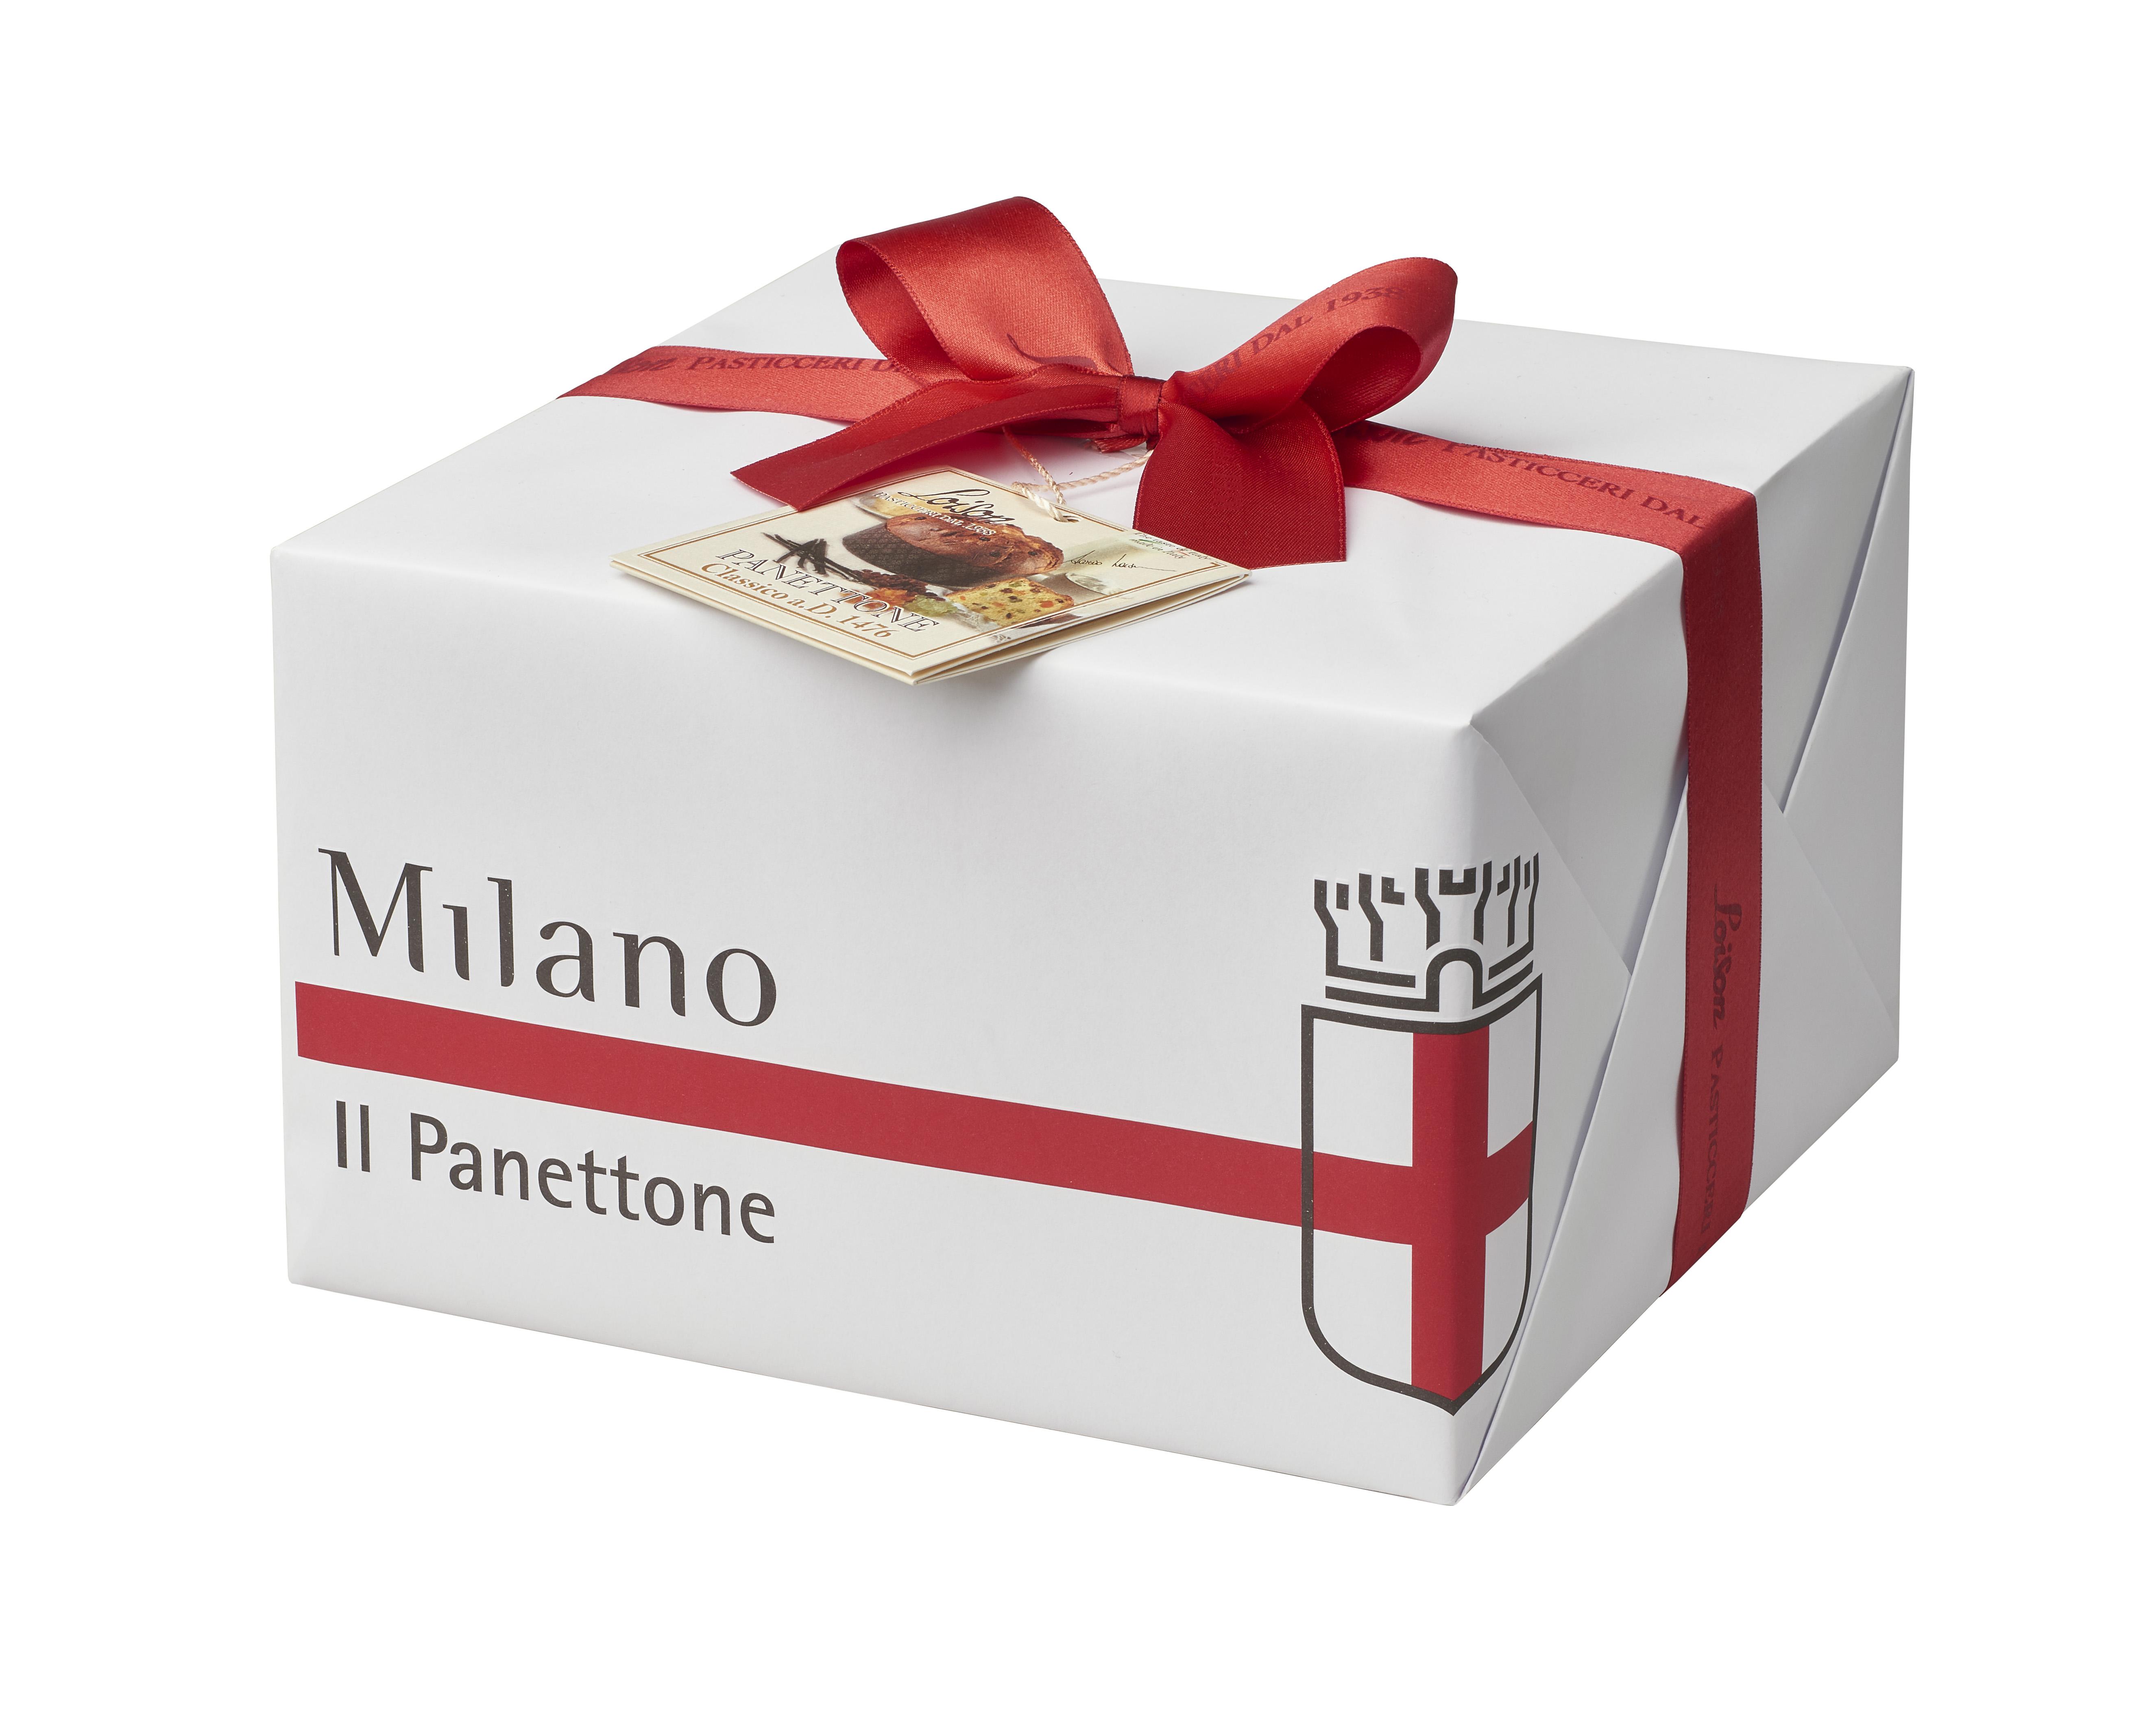 LOISON - Panettone Classique MILANO